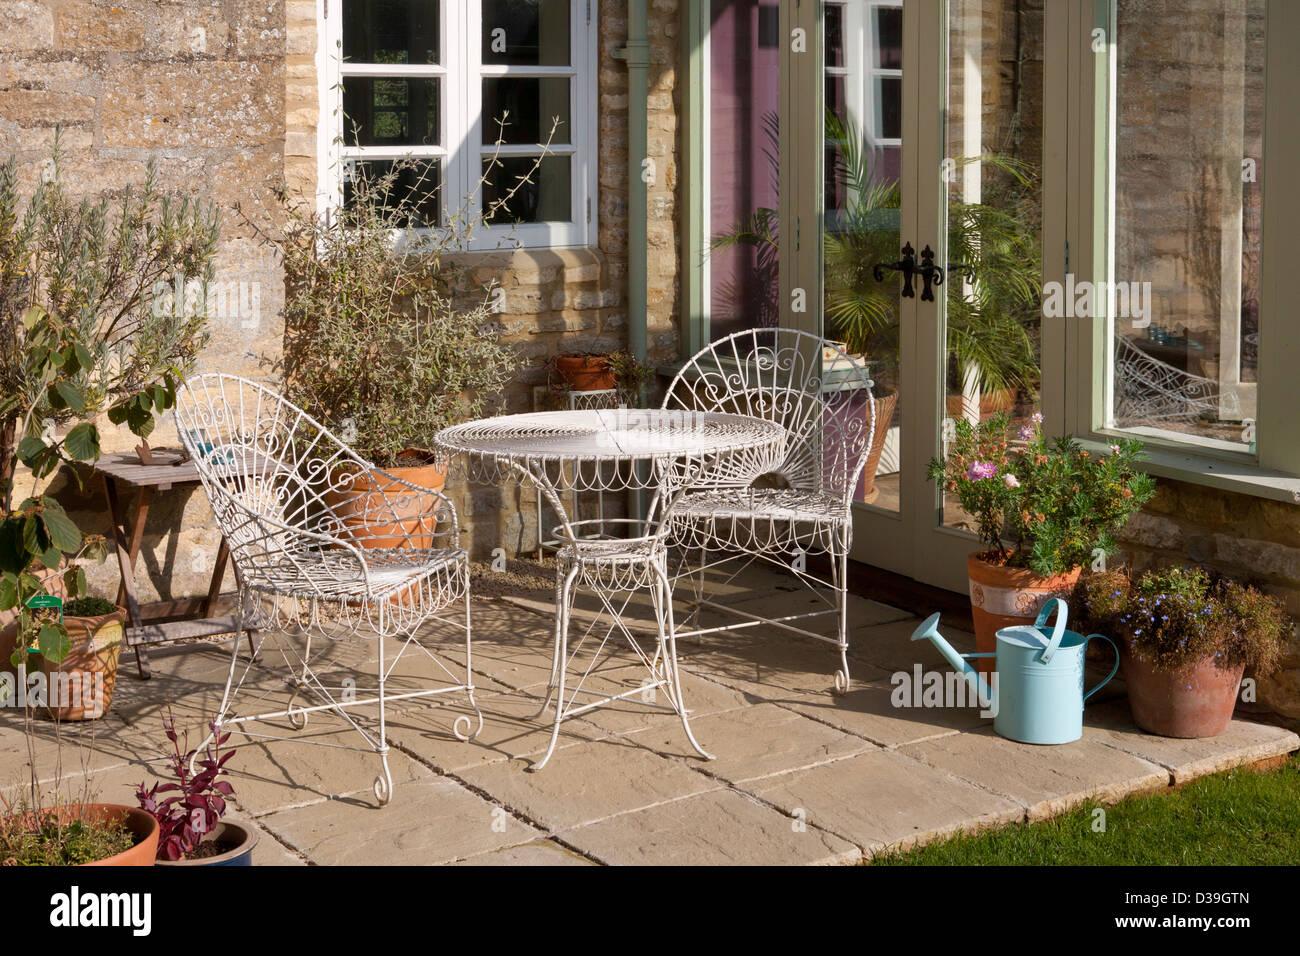 Véranda De Jardin Extérieur chaises et table en métal sur patio à l'extérieur véranda